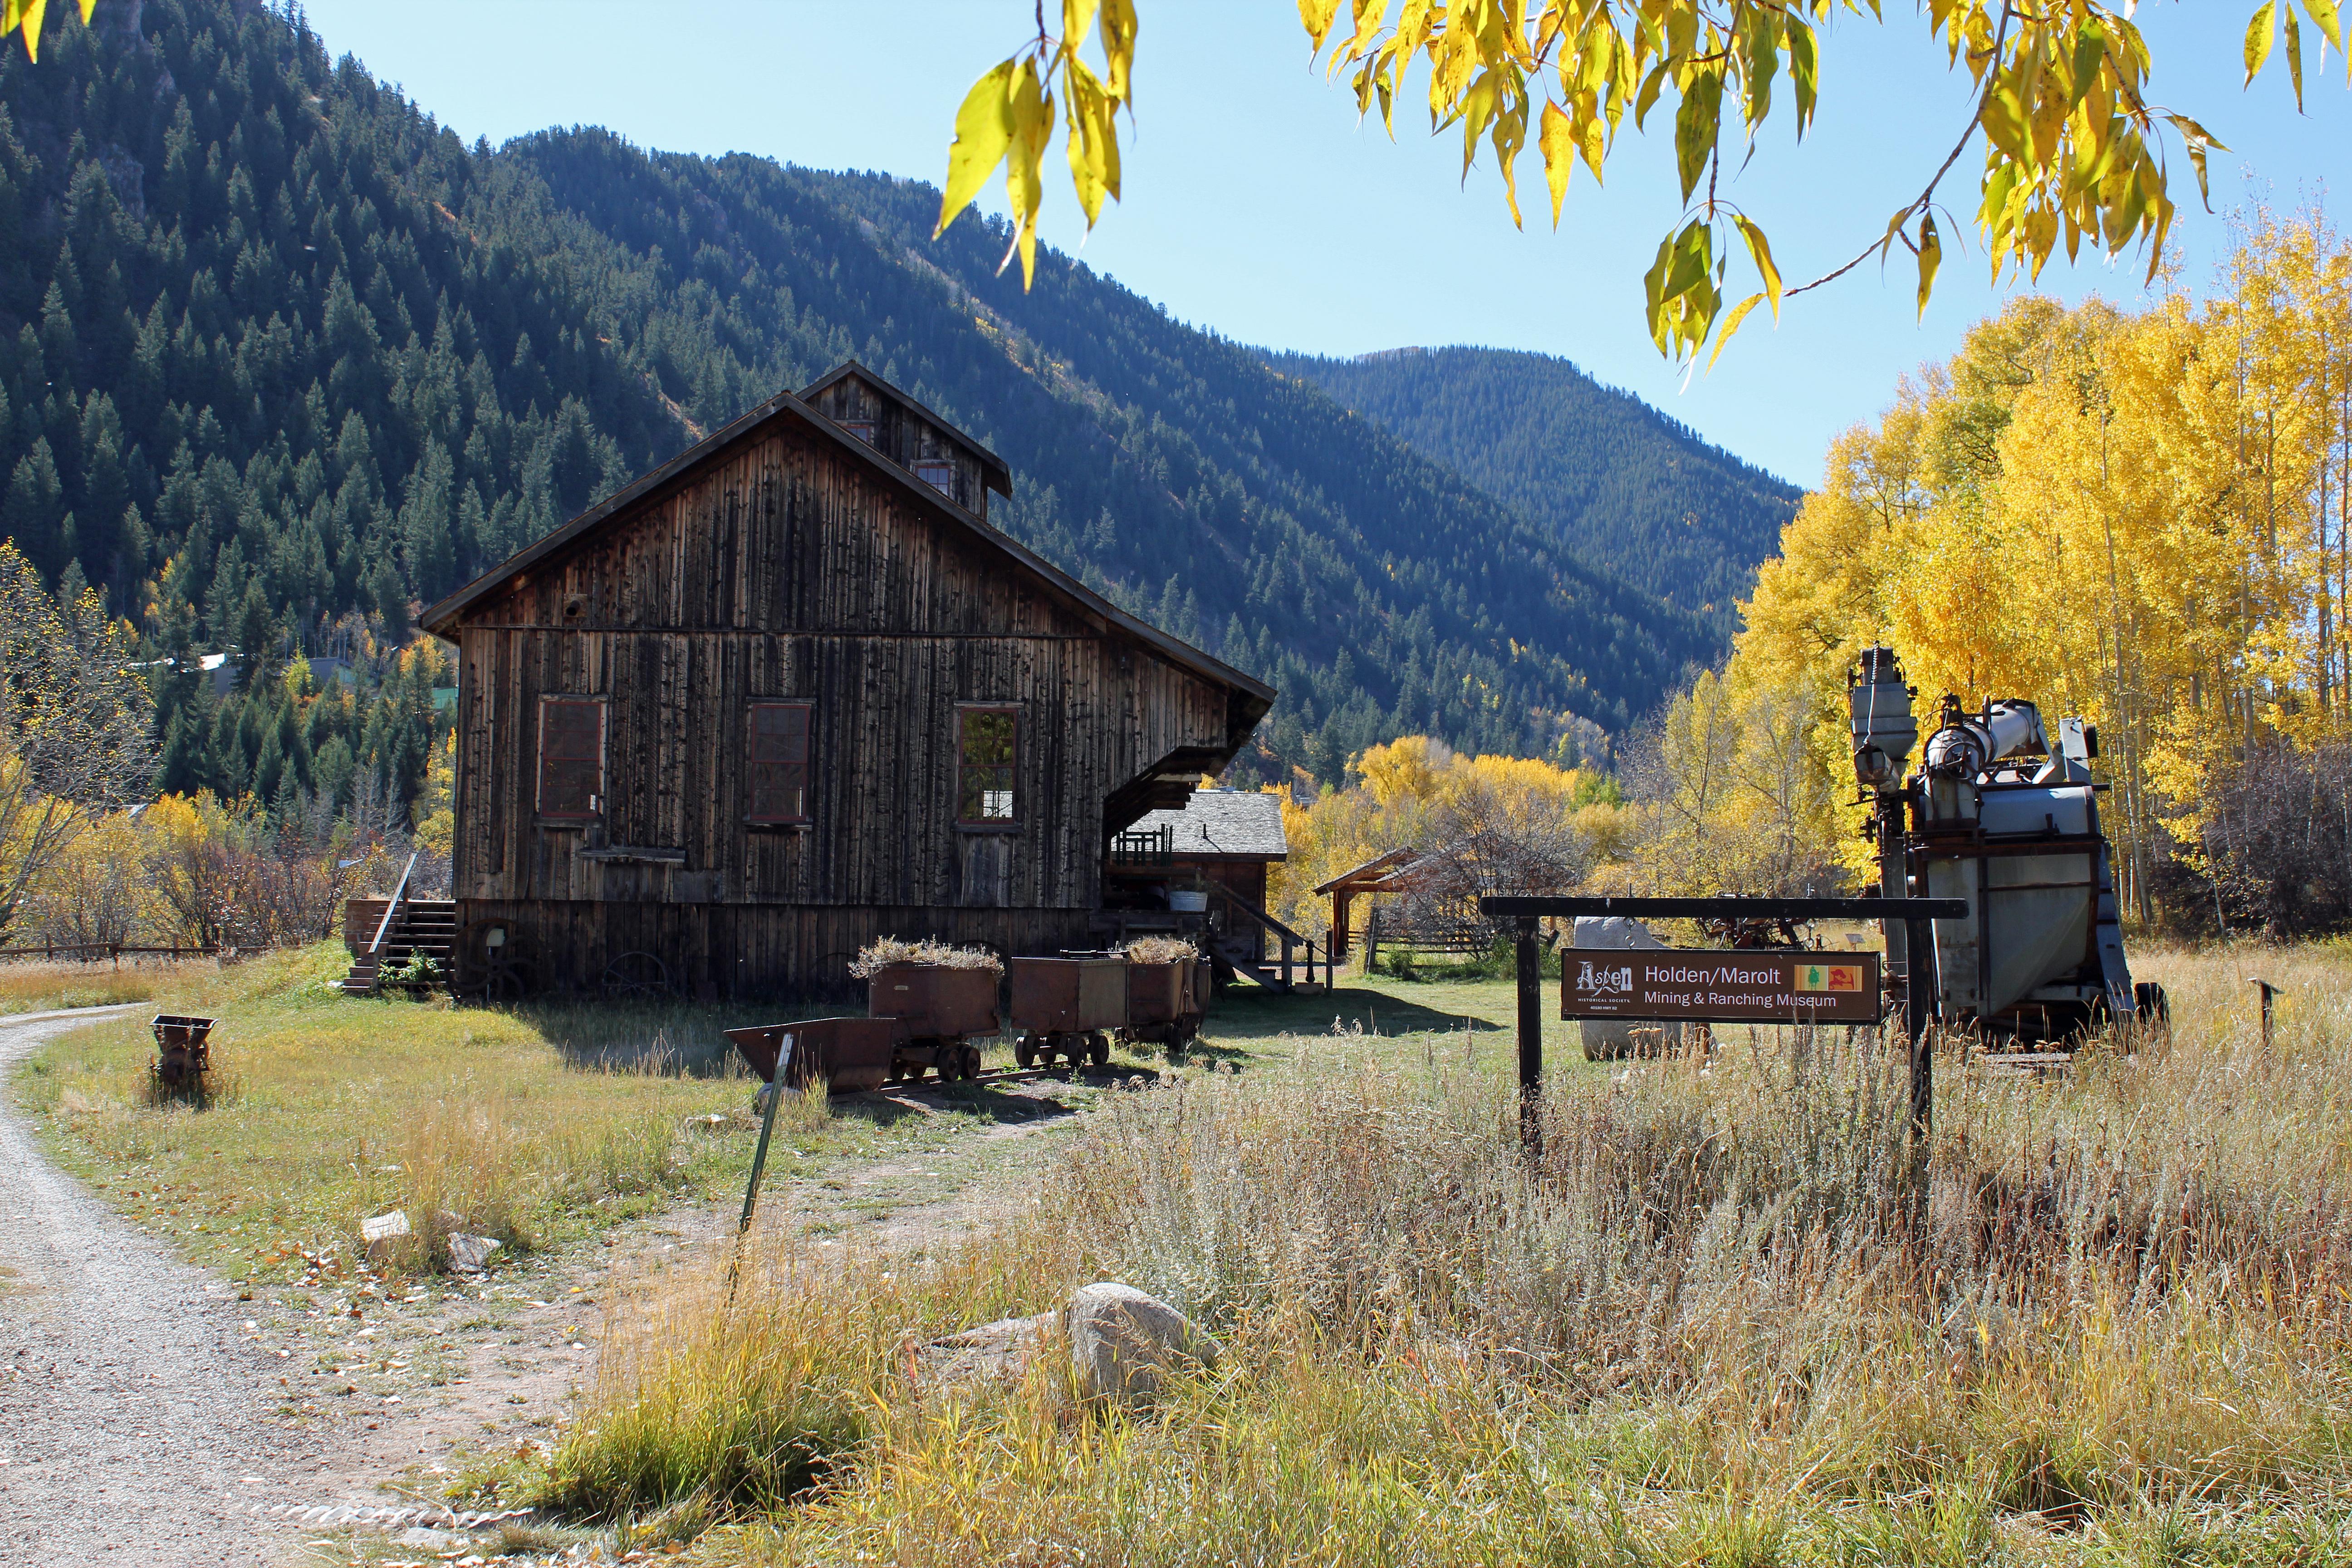 Holden Marolt Mining & Ranching Museum